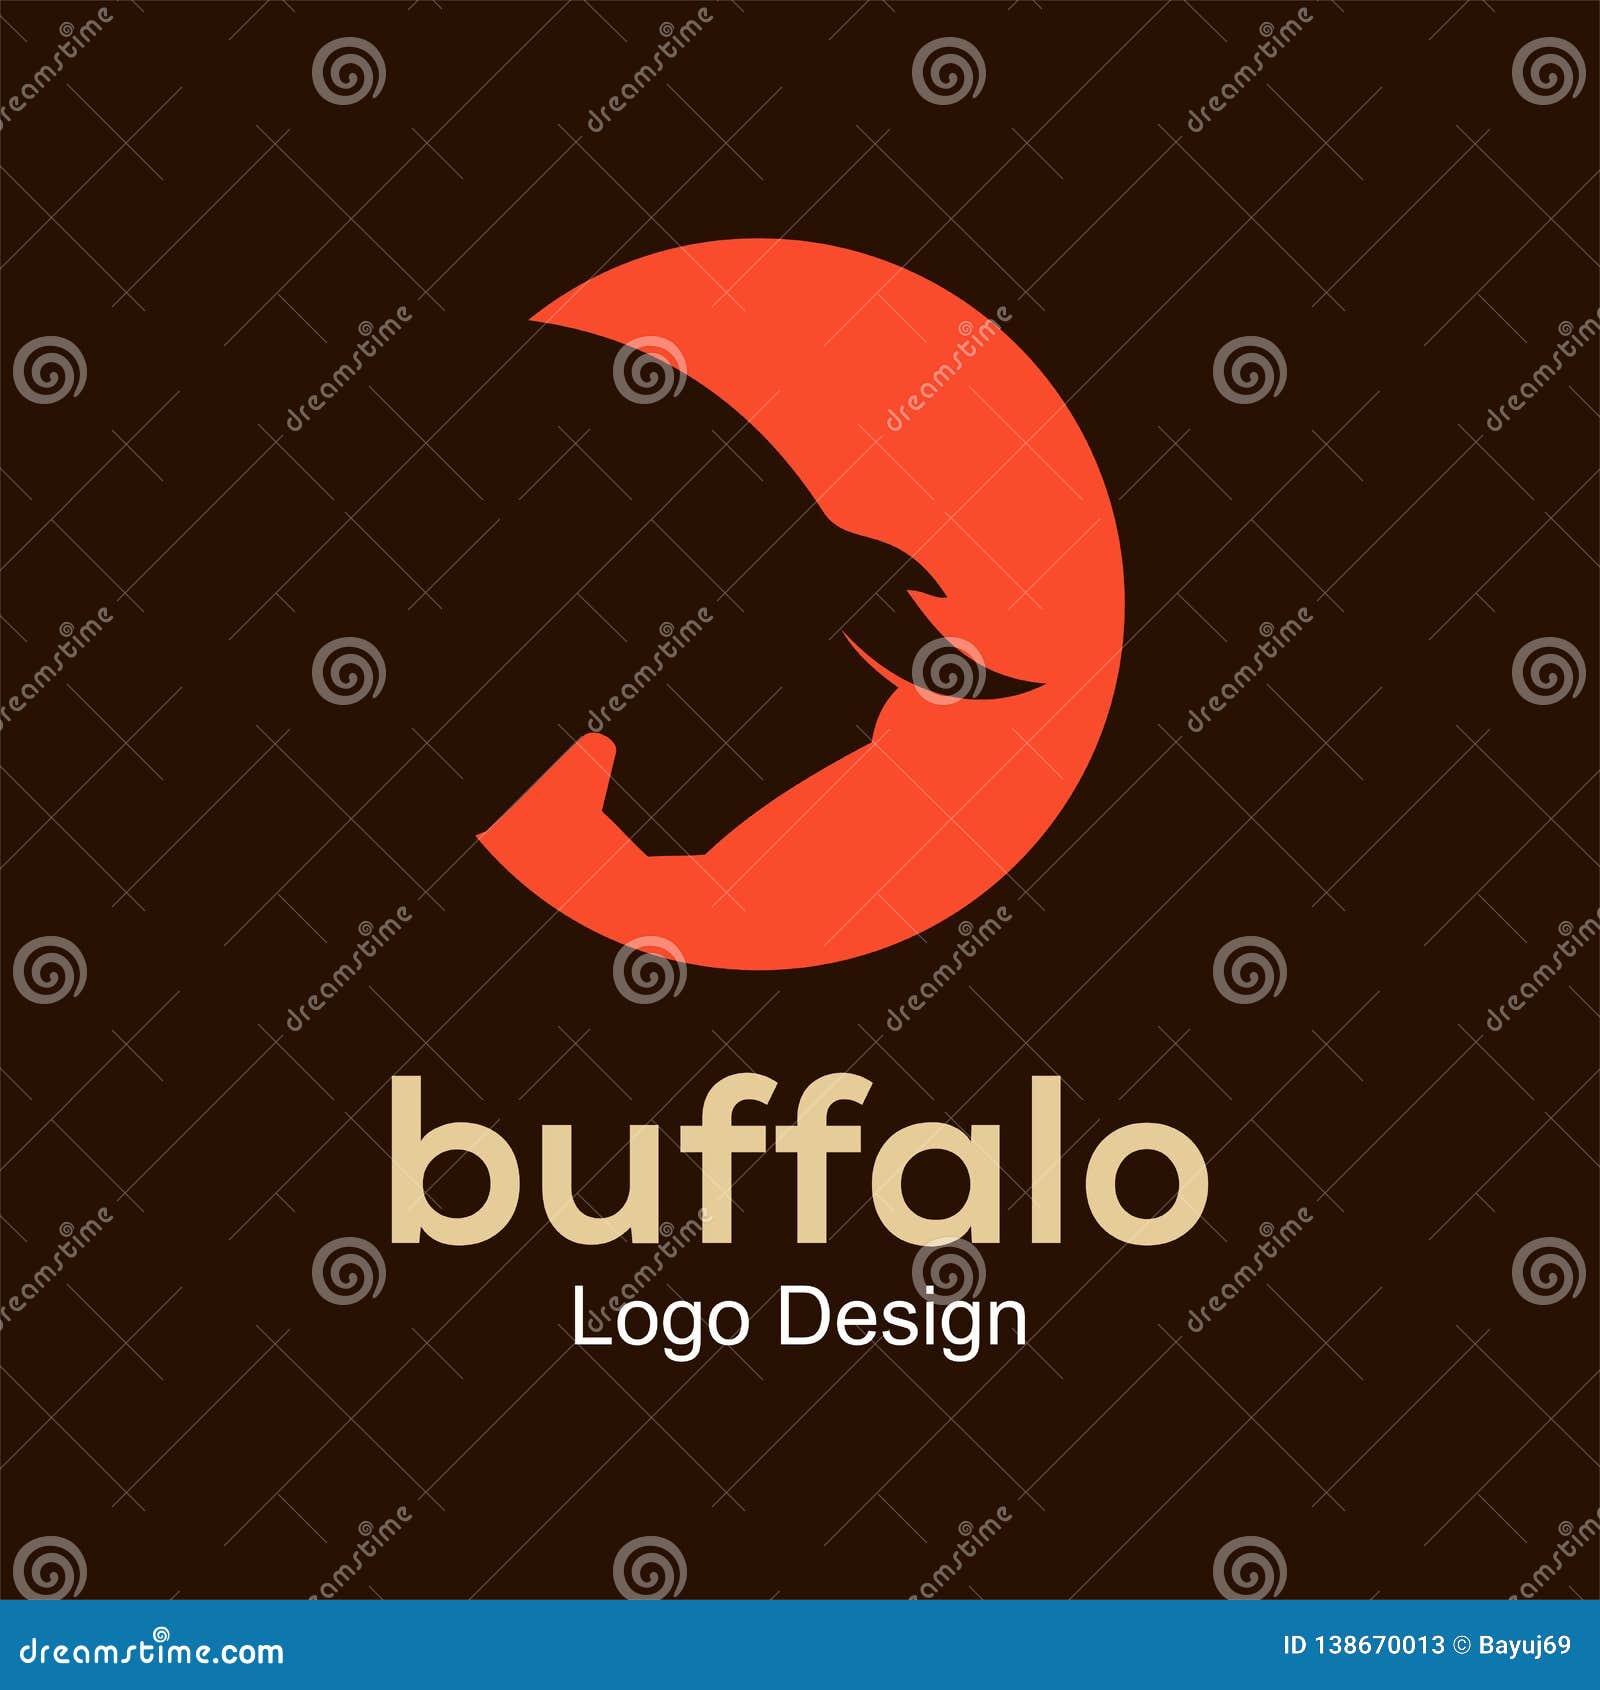 Buffalo - vector logo template design element